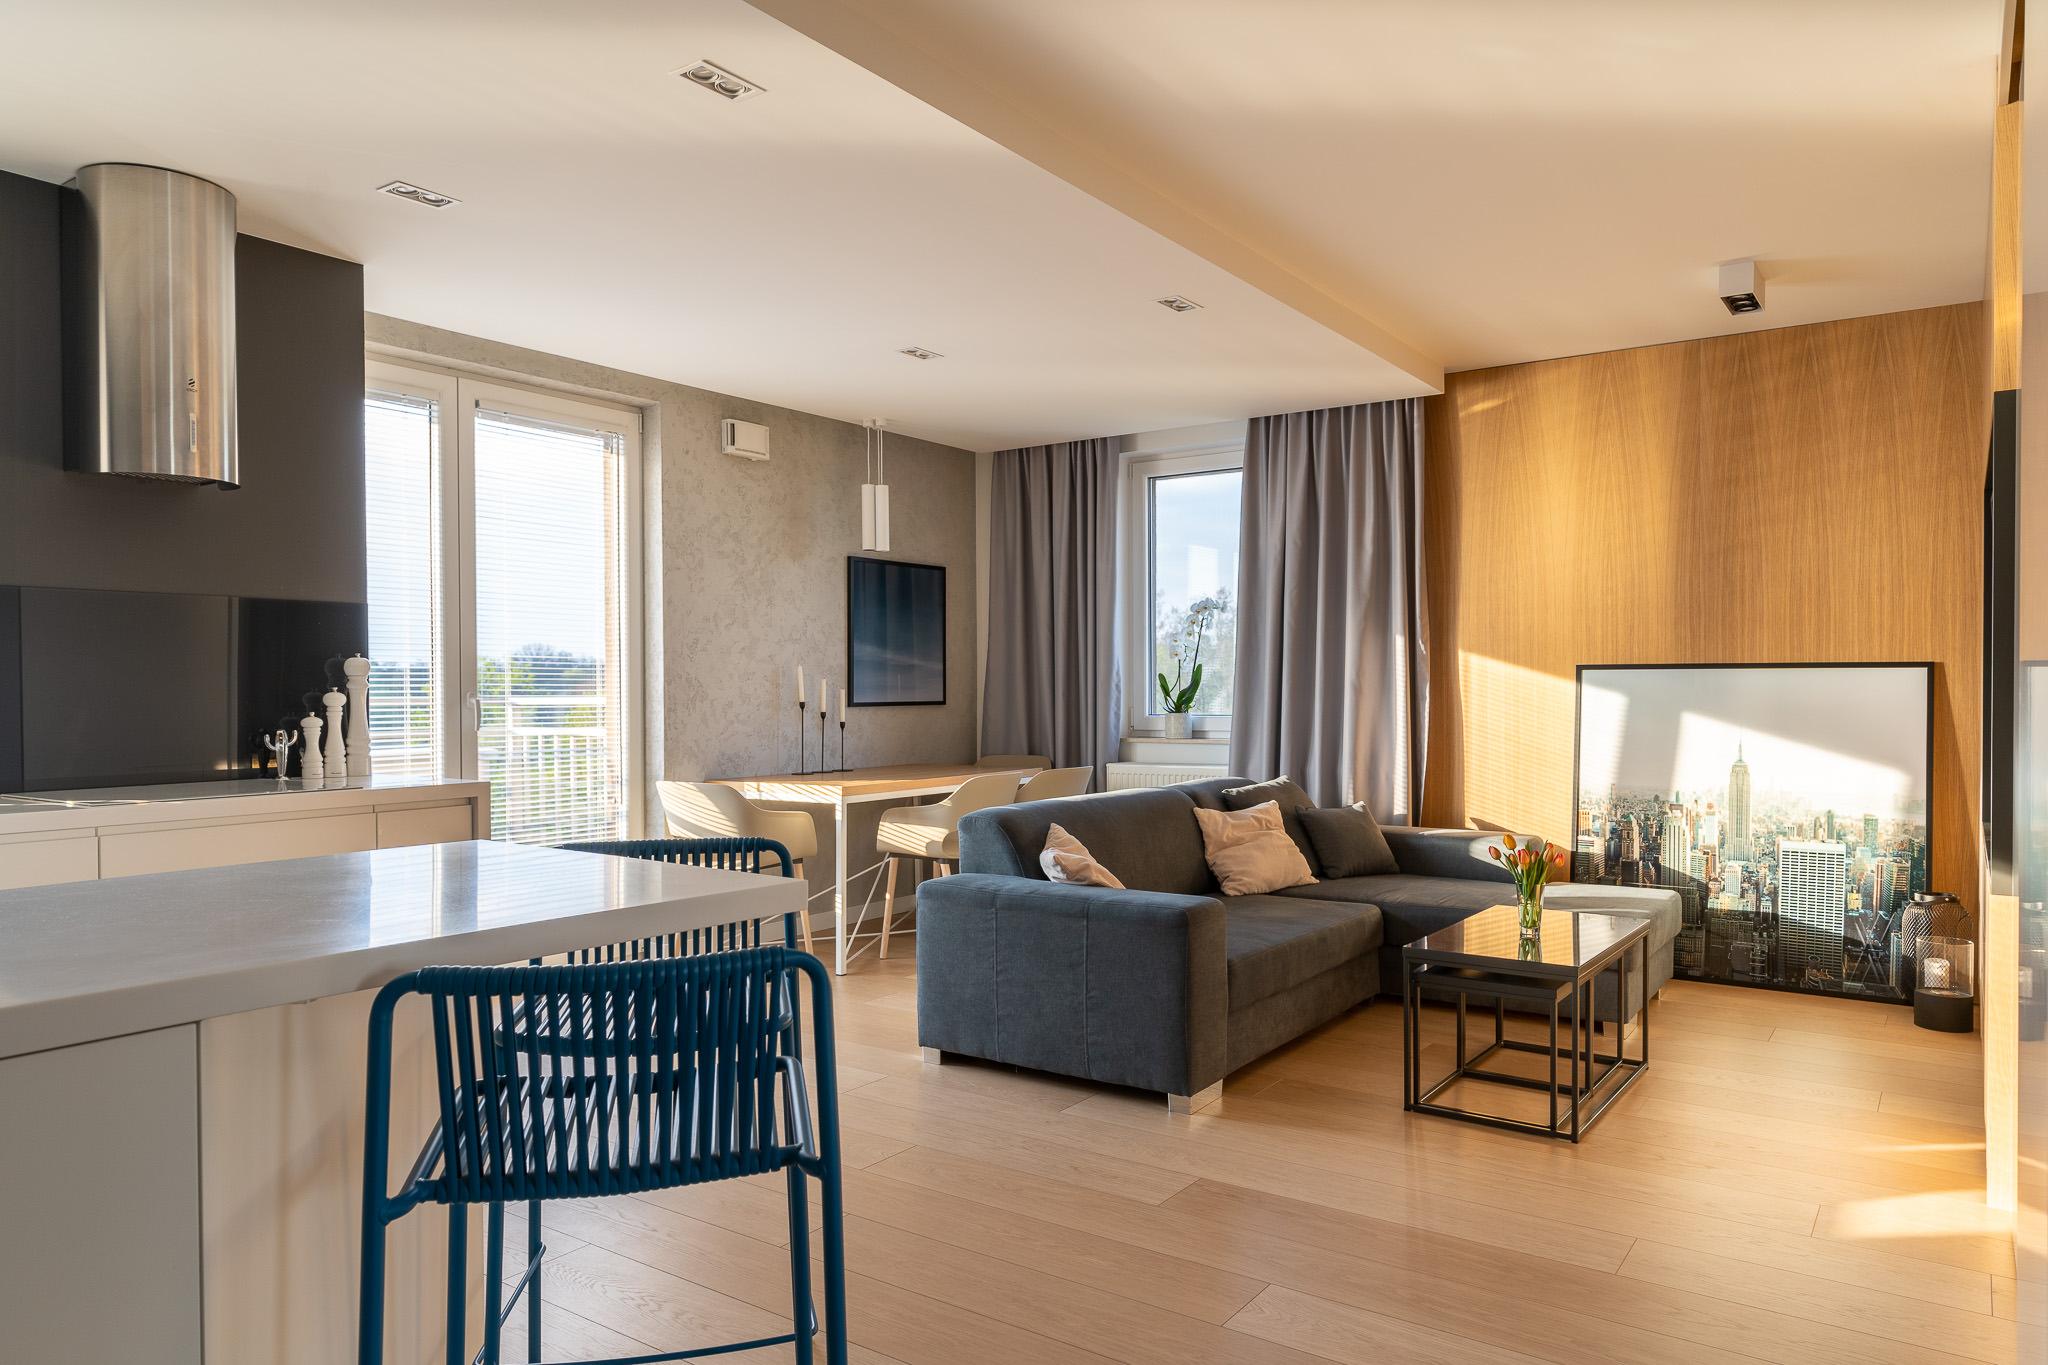 3 projketowanie wnetrz R105 mieszkanie Krakow strefa dzienna niebieskie hokery betonowa sciana drewno na scianie podwieszany sufit